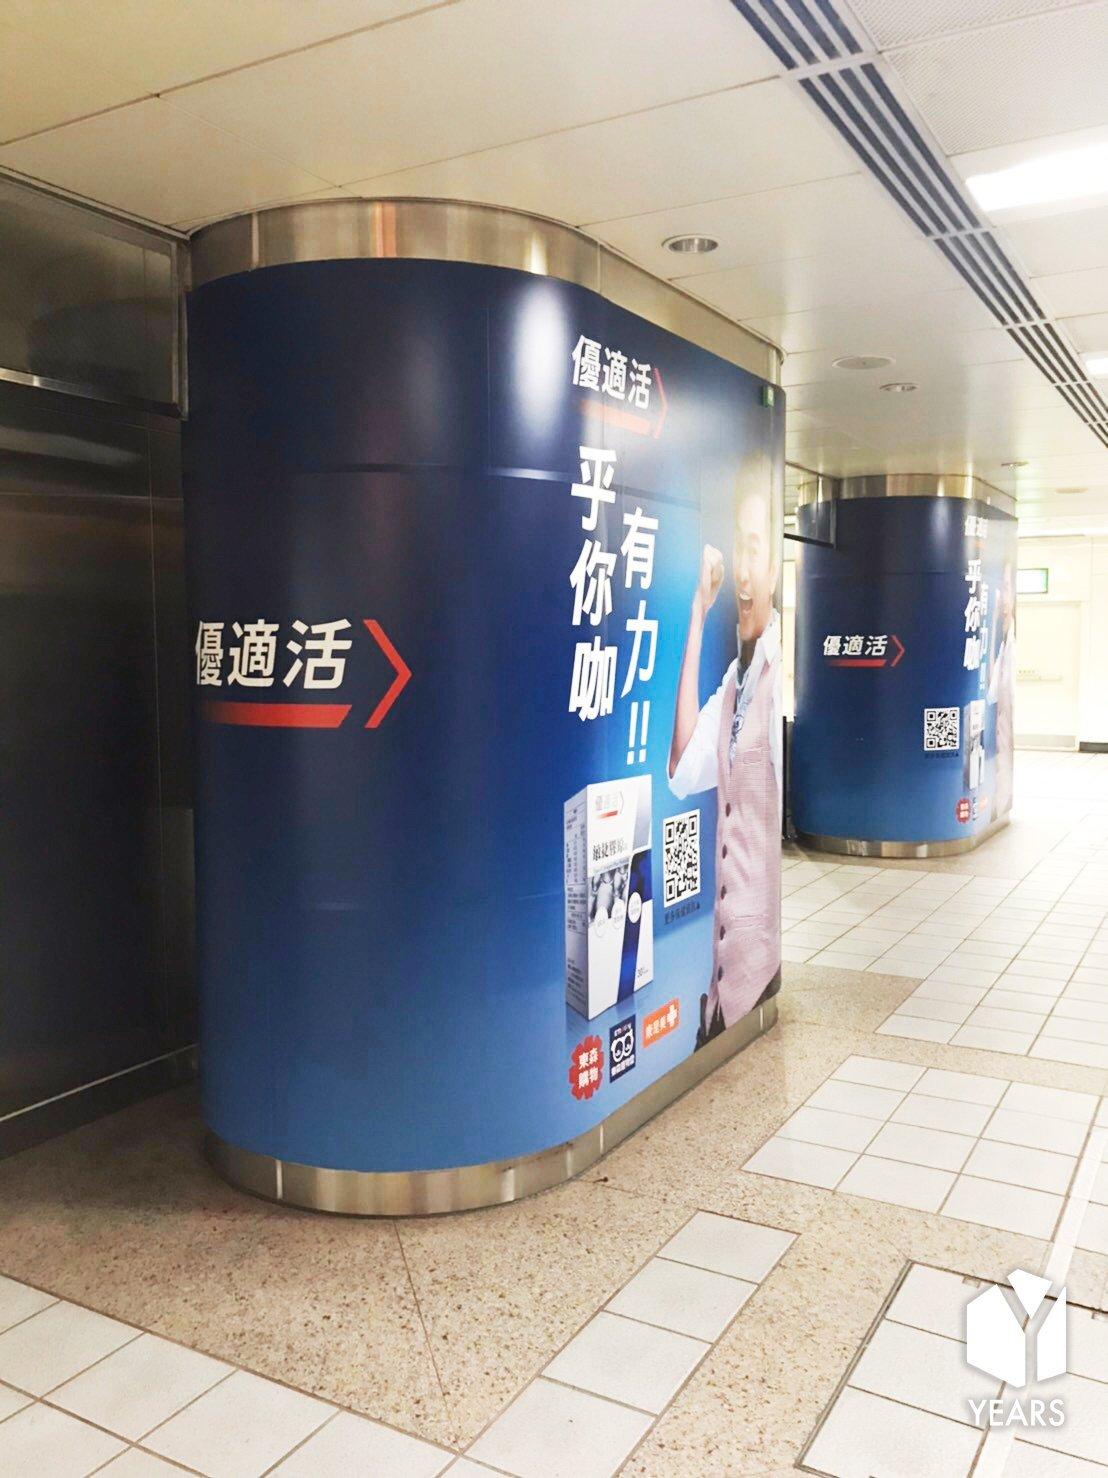 捷運站內廣告